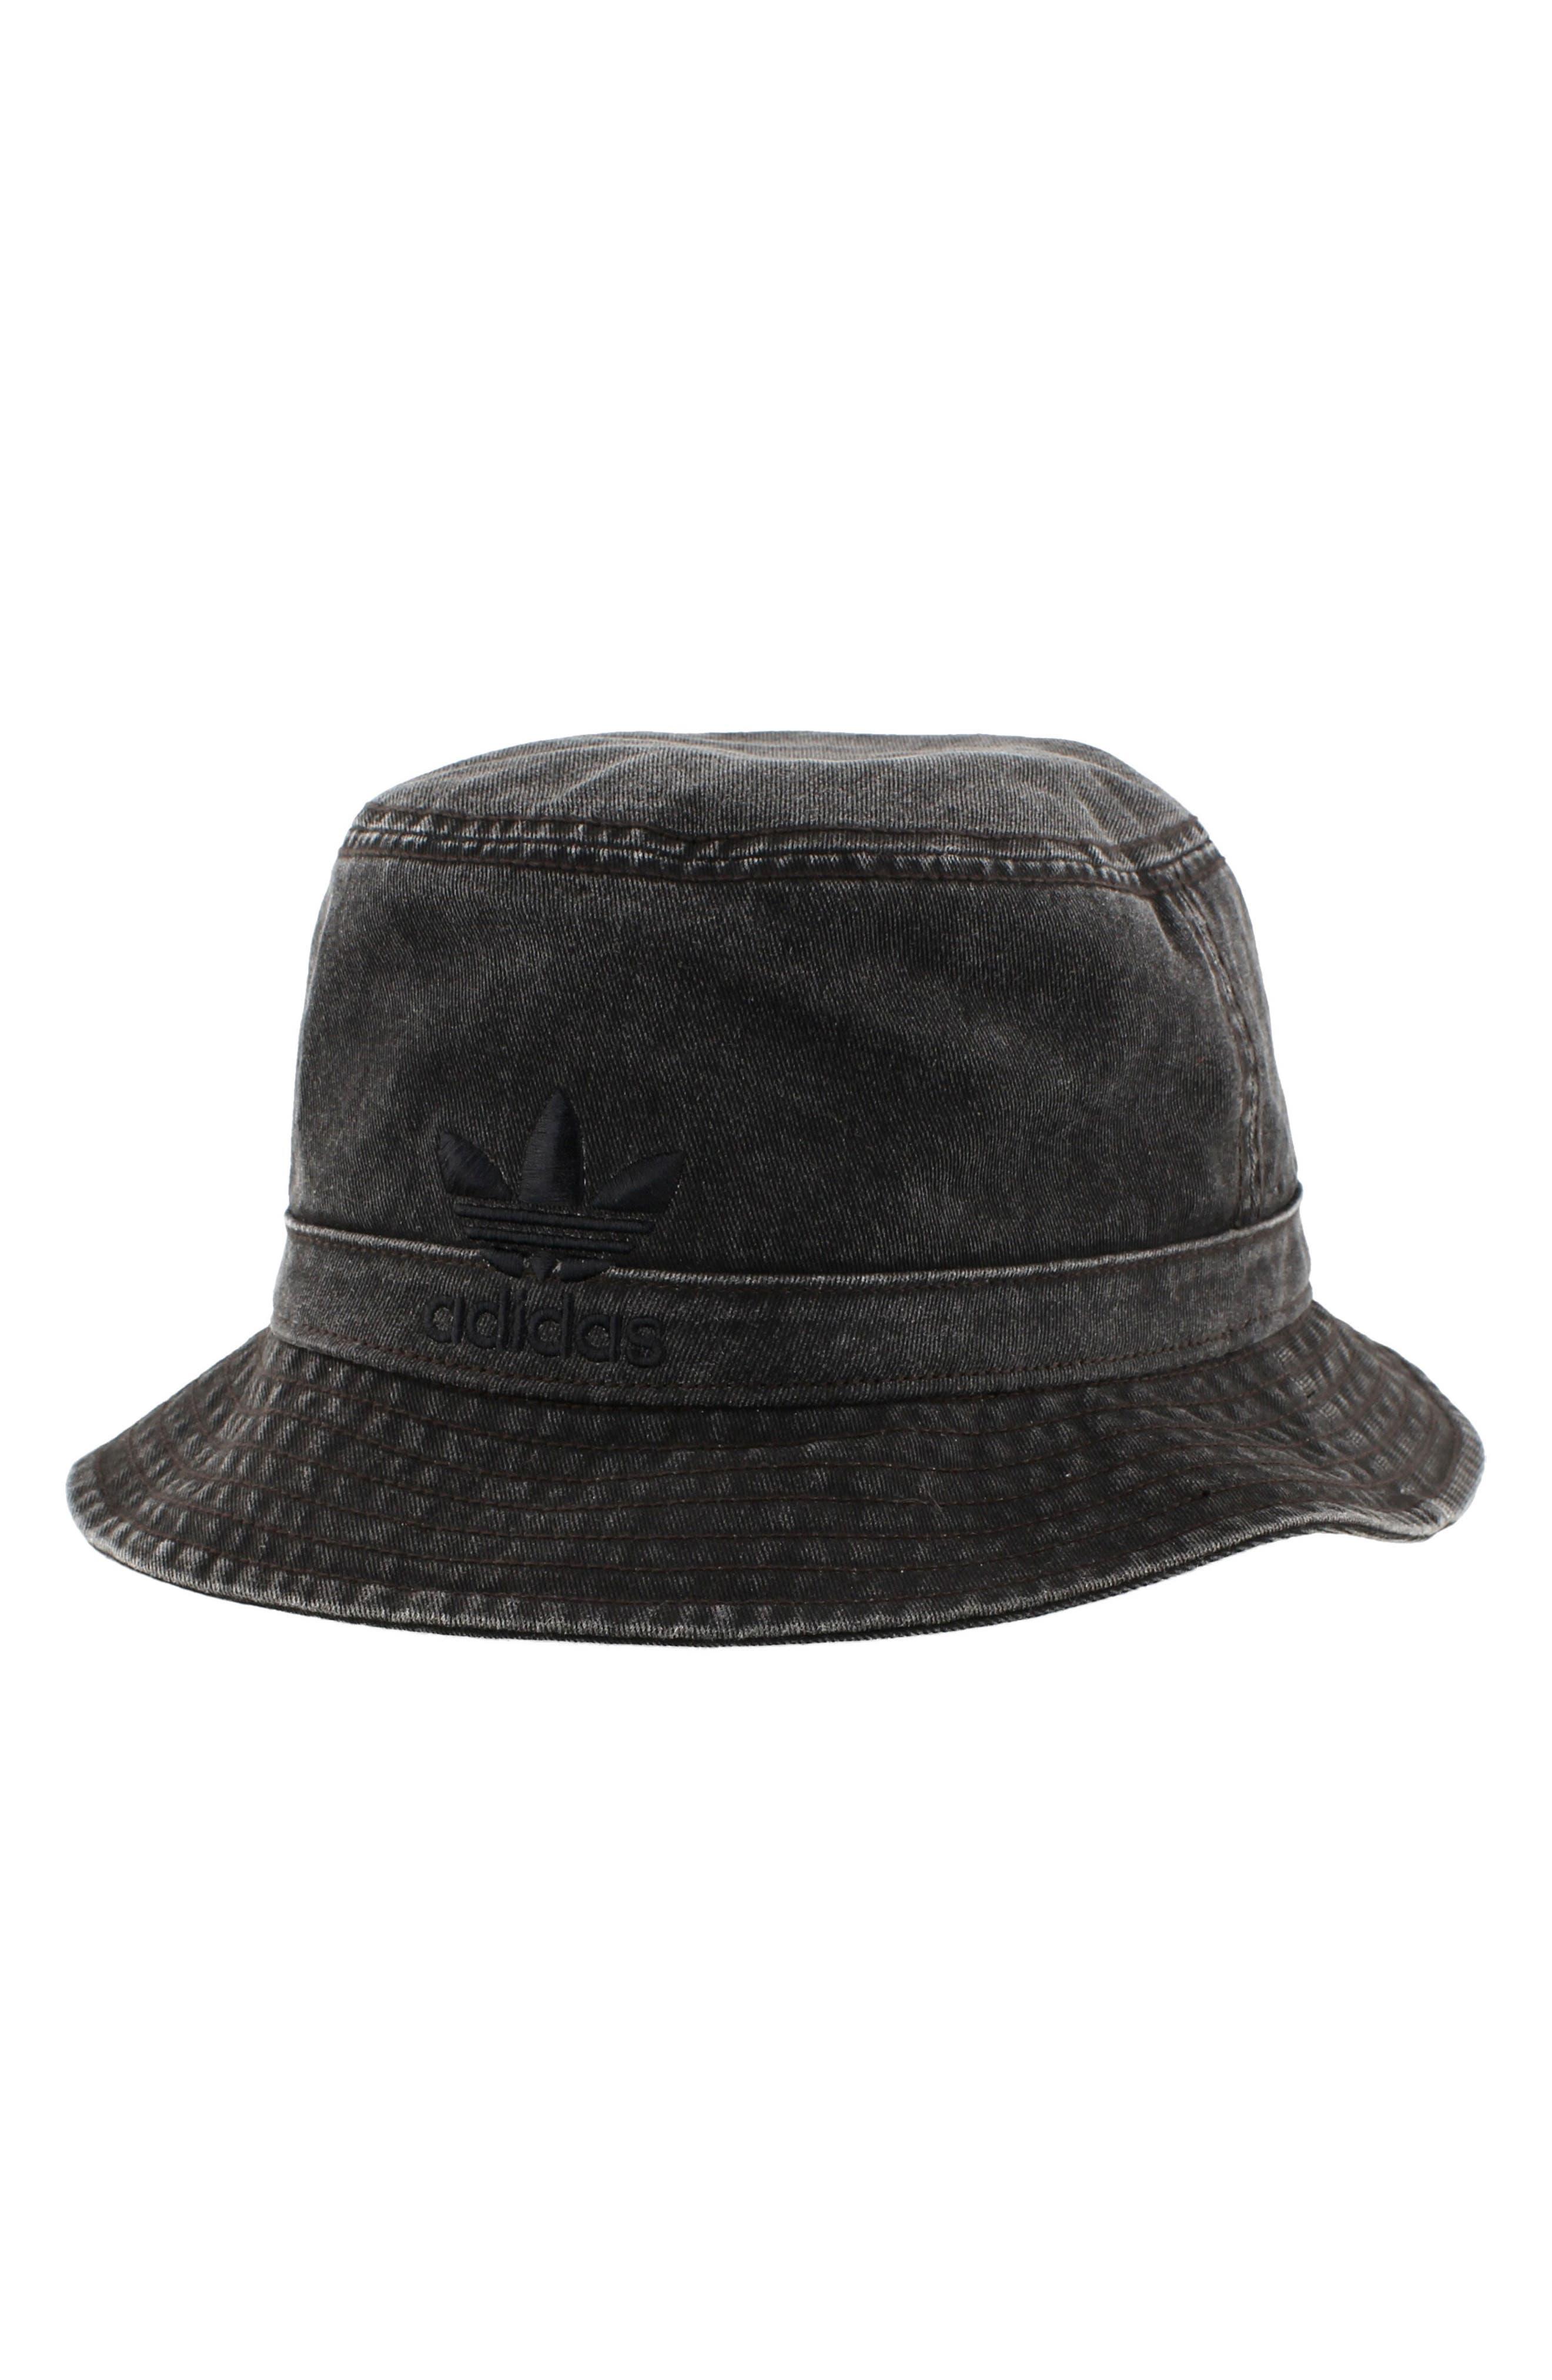 Washed Bucket Hat,                         Main,                         color, Black/ Black